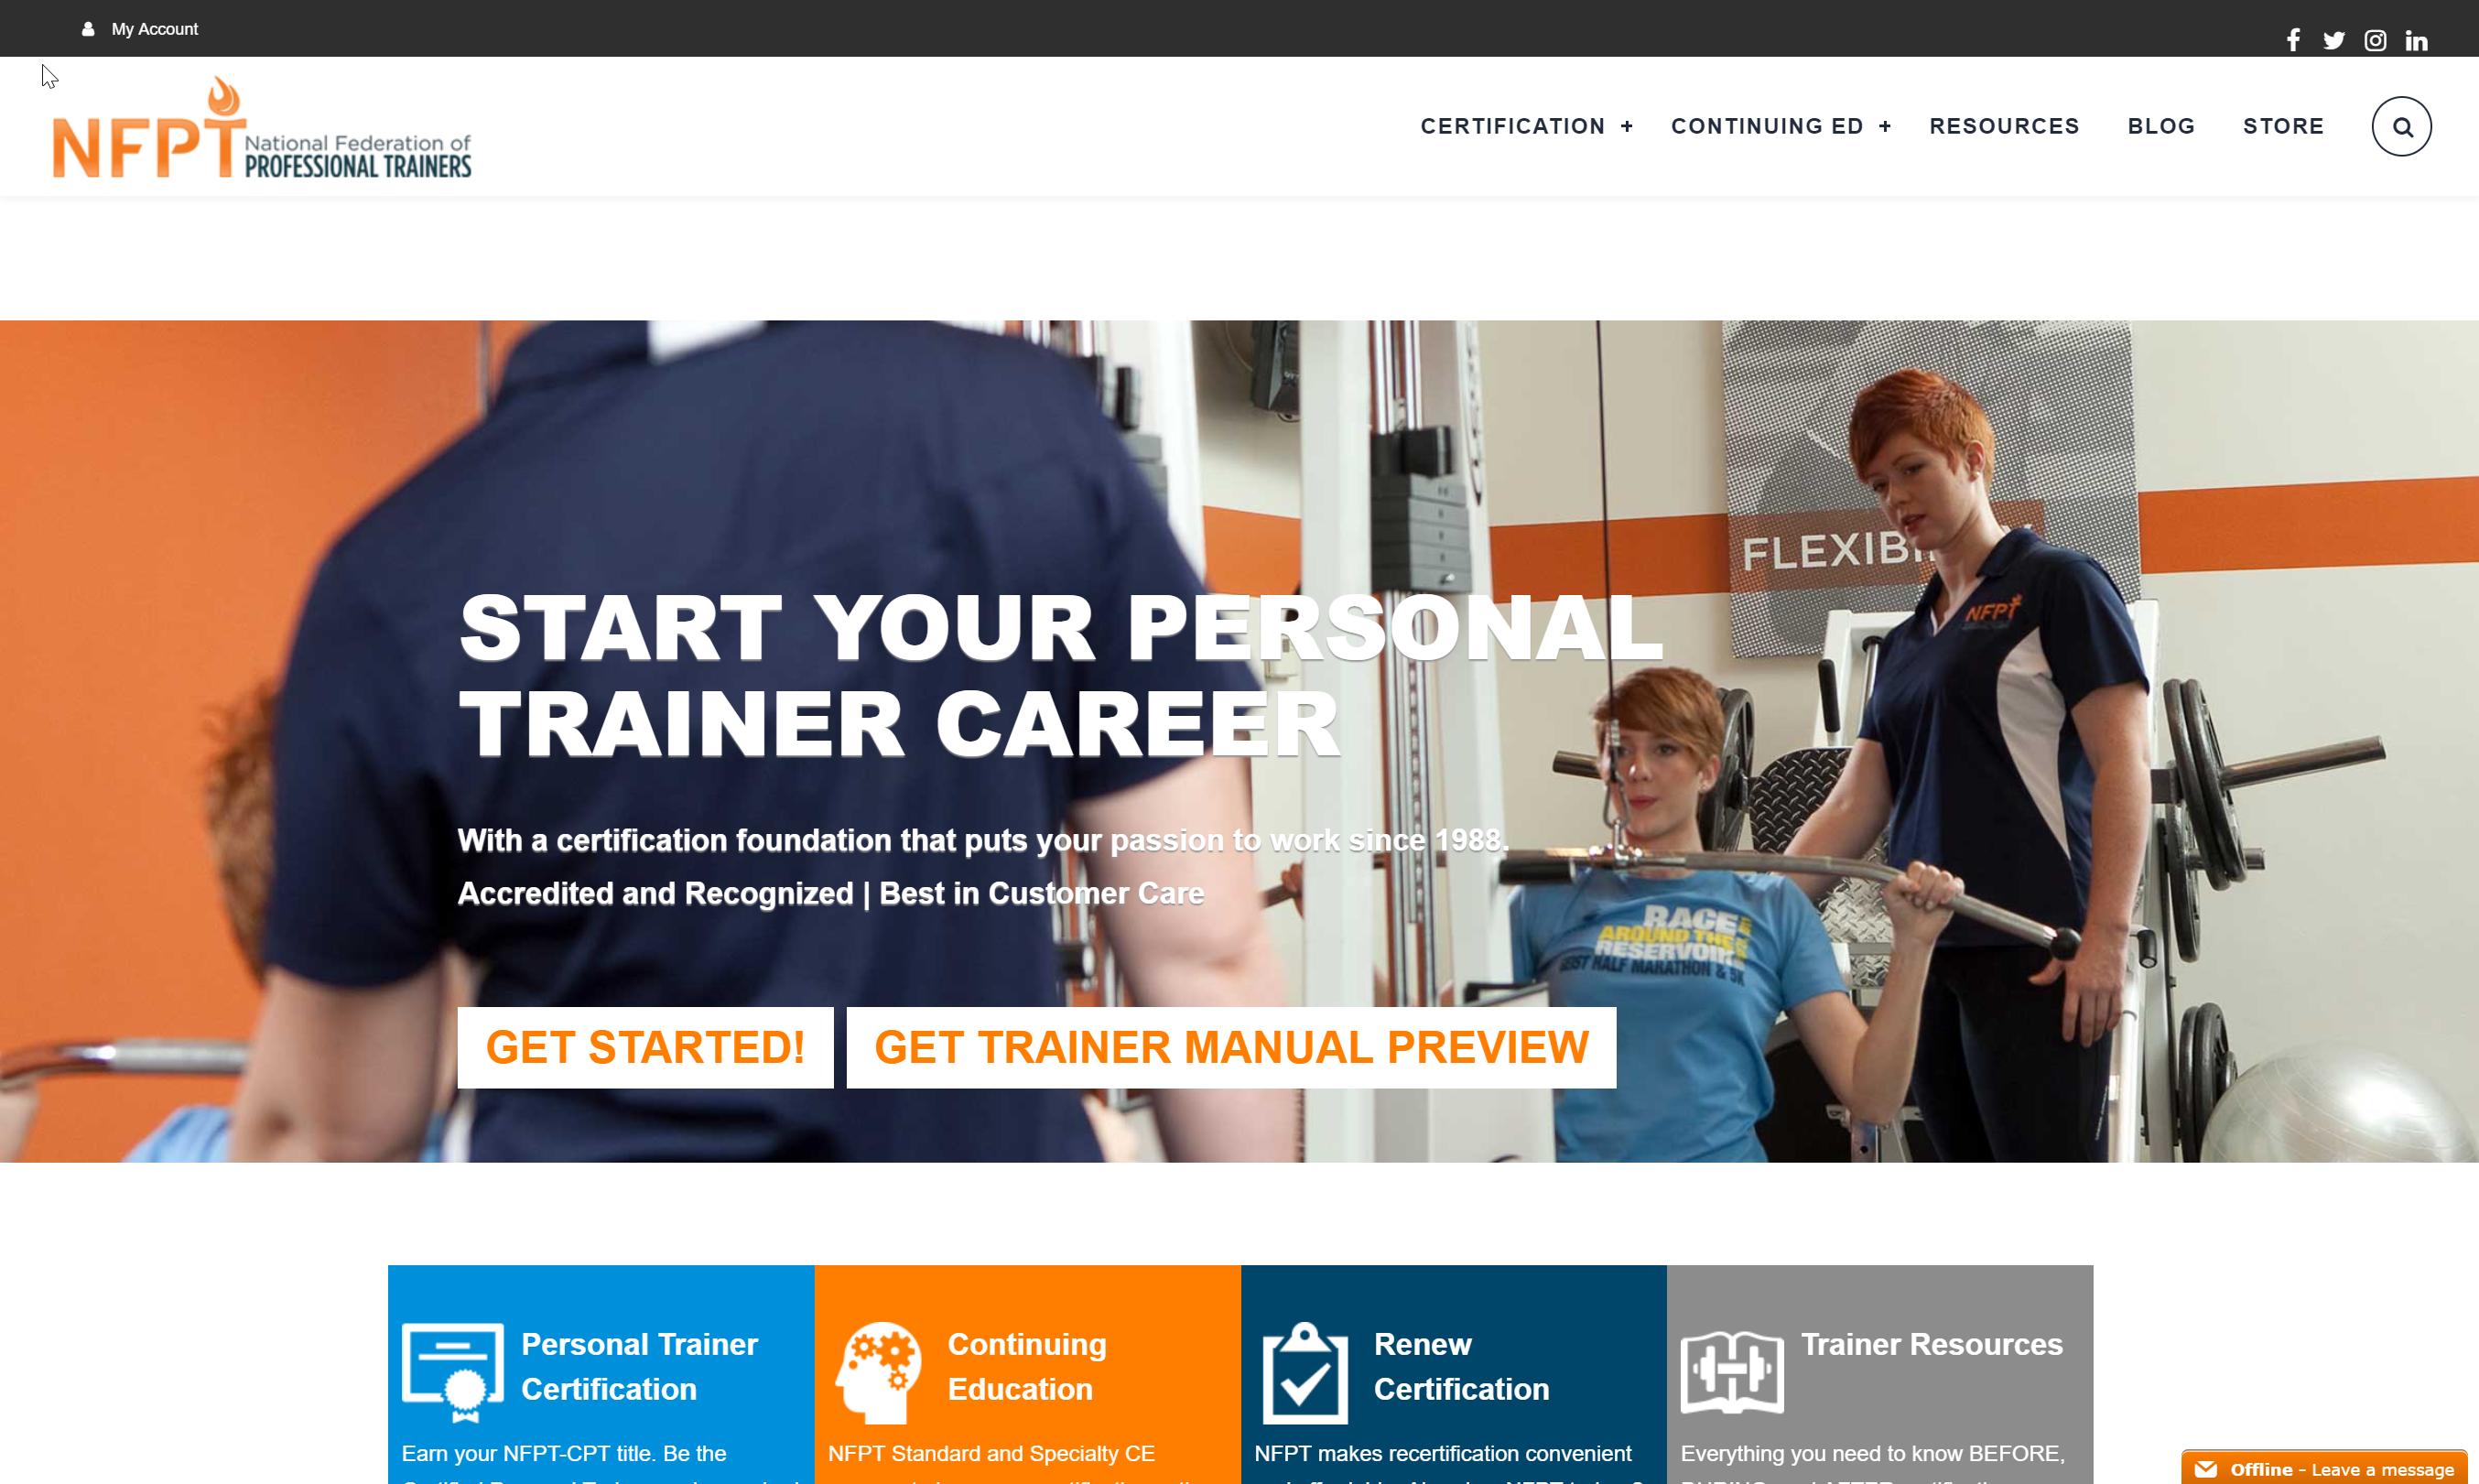 NFPT website